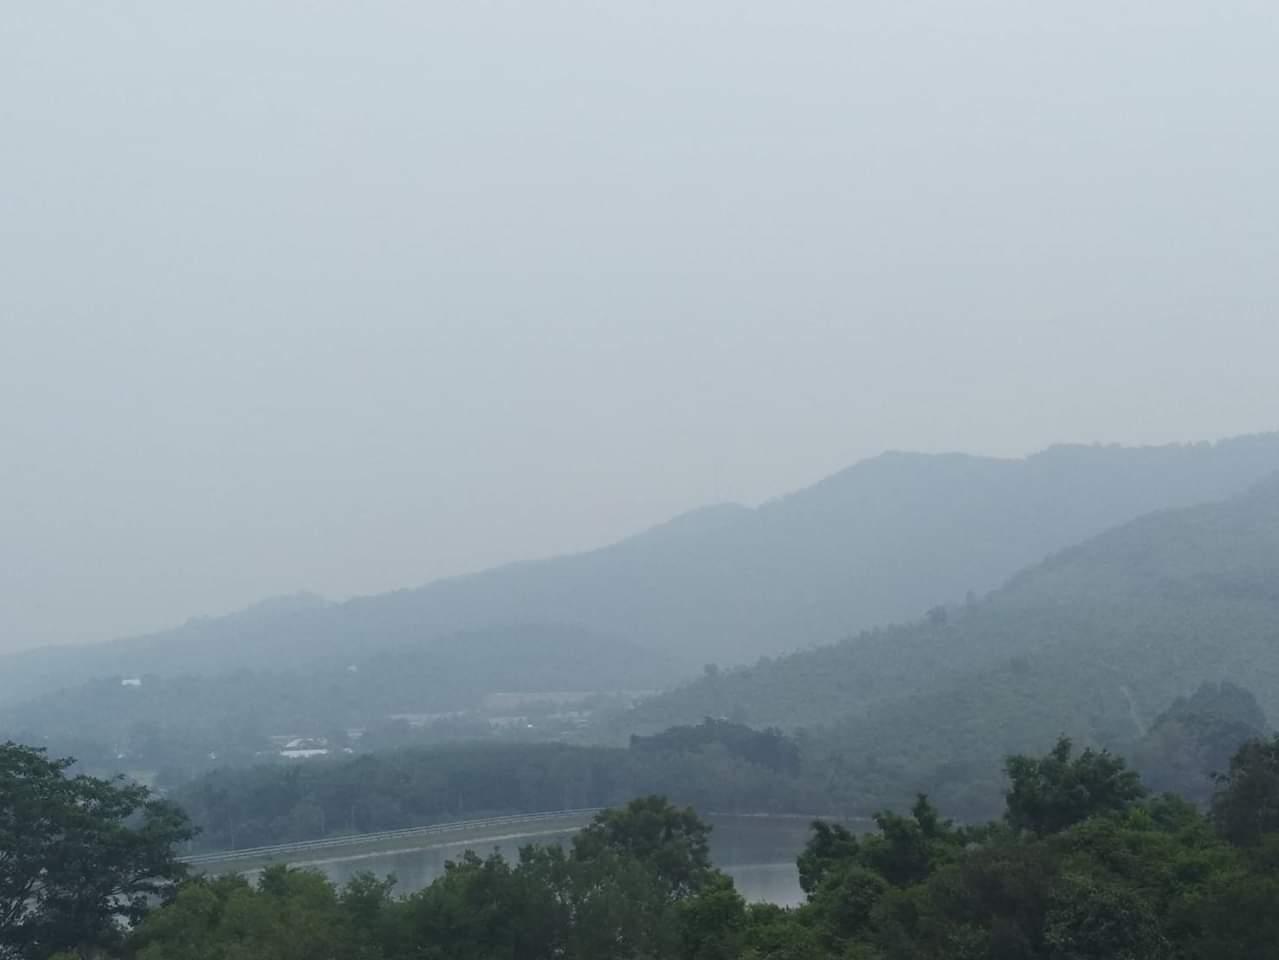 สธ.เผยฝุ่น PM 2.5 ภาคใต้ยังอยู่ในเกณฑ์ปลอดภัย แต่ต้องฝ้าระวังต่อเนื่อง สำรองหน้ากากกันฝุ่น